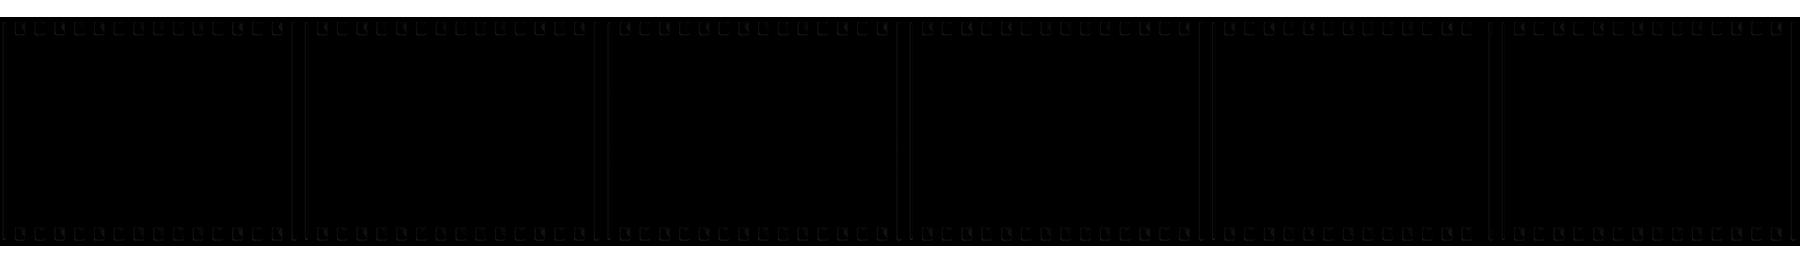 CINEGAMING Filmstreifen